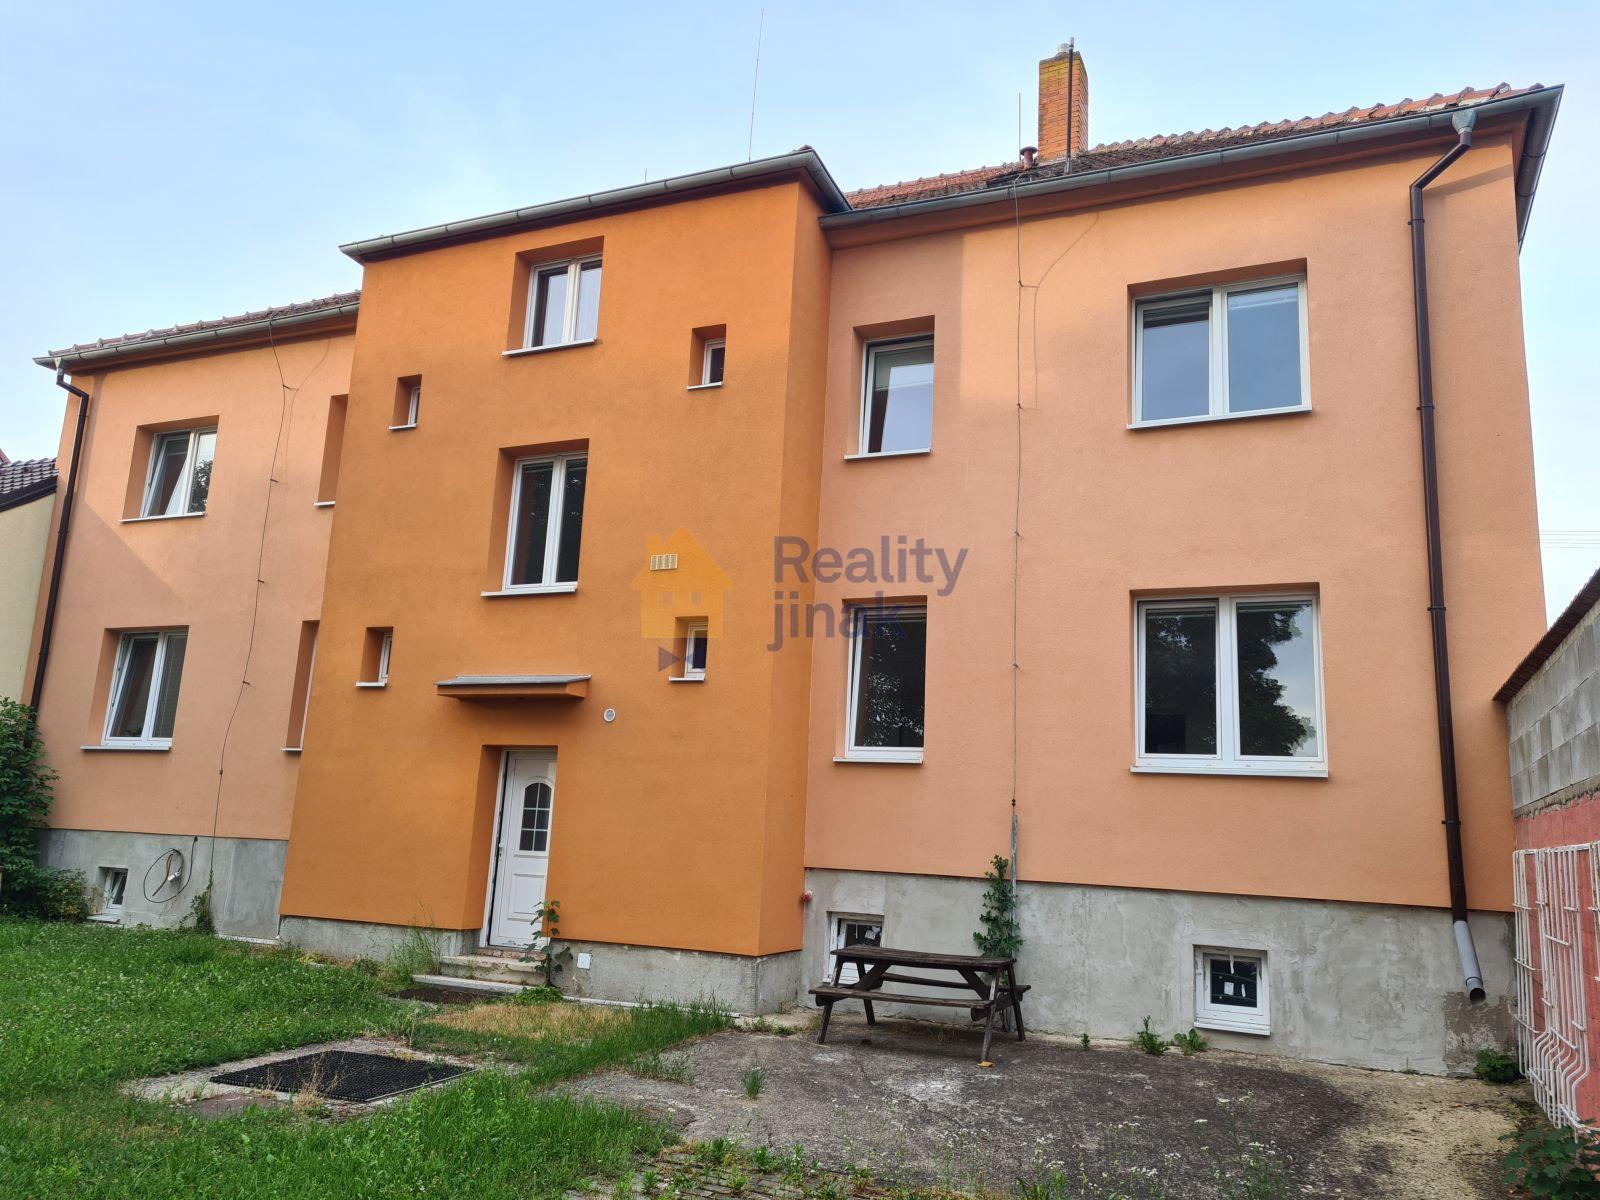 Prodej domu pro komerční využití, 4 nebytové prostory, zahrada, Dolní Dunajovice